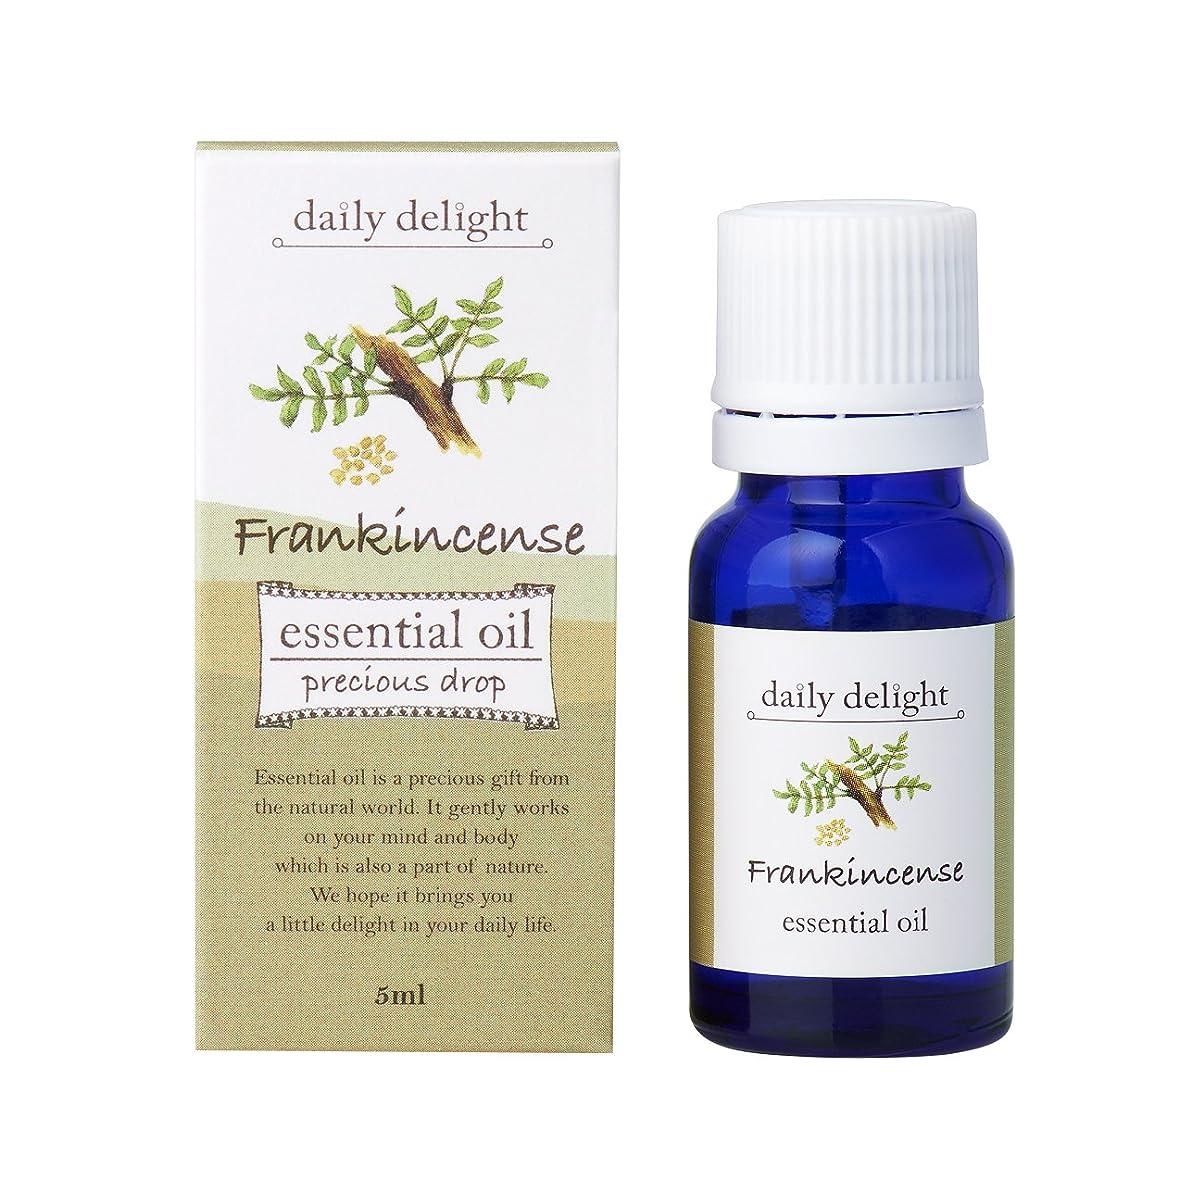 意識的貞山岳デイリーディライト エッセンシャルオイル フランキンセンス 5ml(天然100% 精油 アロマ 樹脂系 樹脂から採れるさわやかな木の香り)